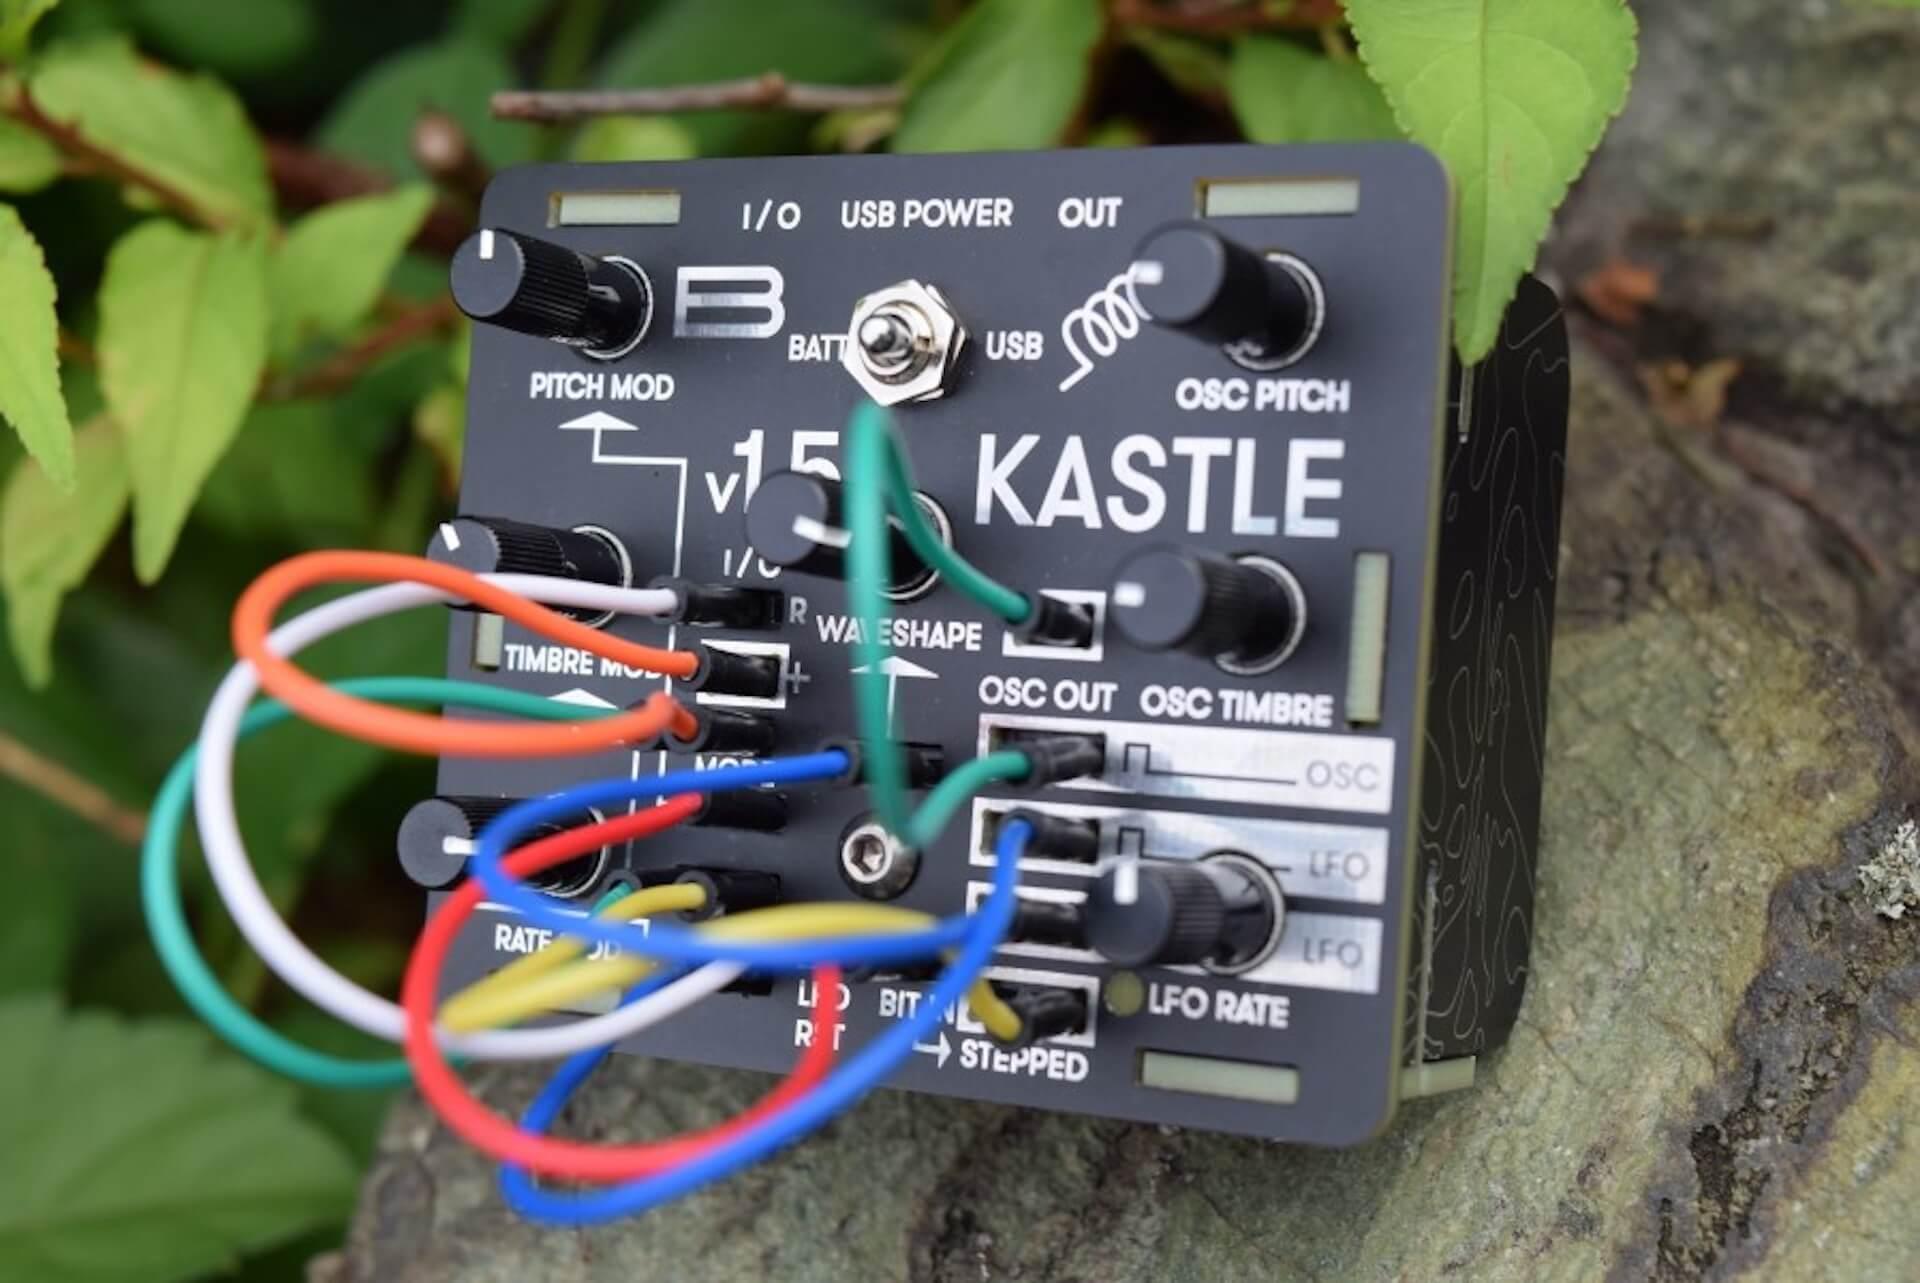 超小型モジュラー・シンセサイザー「KASTLE V1.5」のサウンドと魅力 09bbc67ecb3712daf0966a96c43dfd95